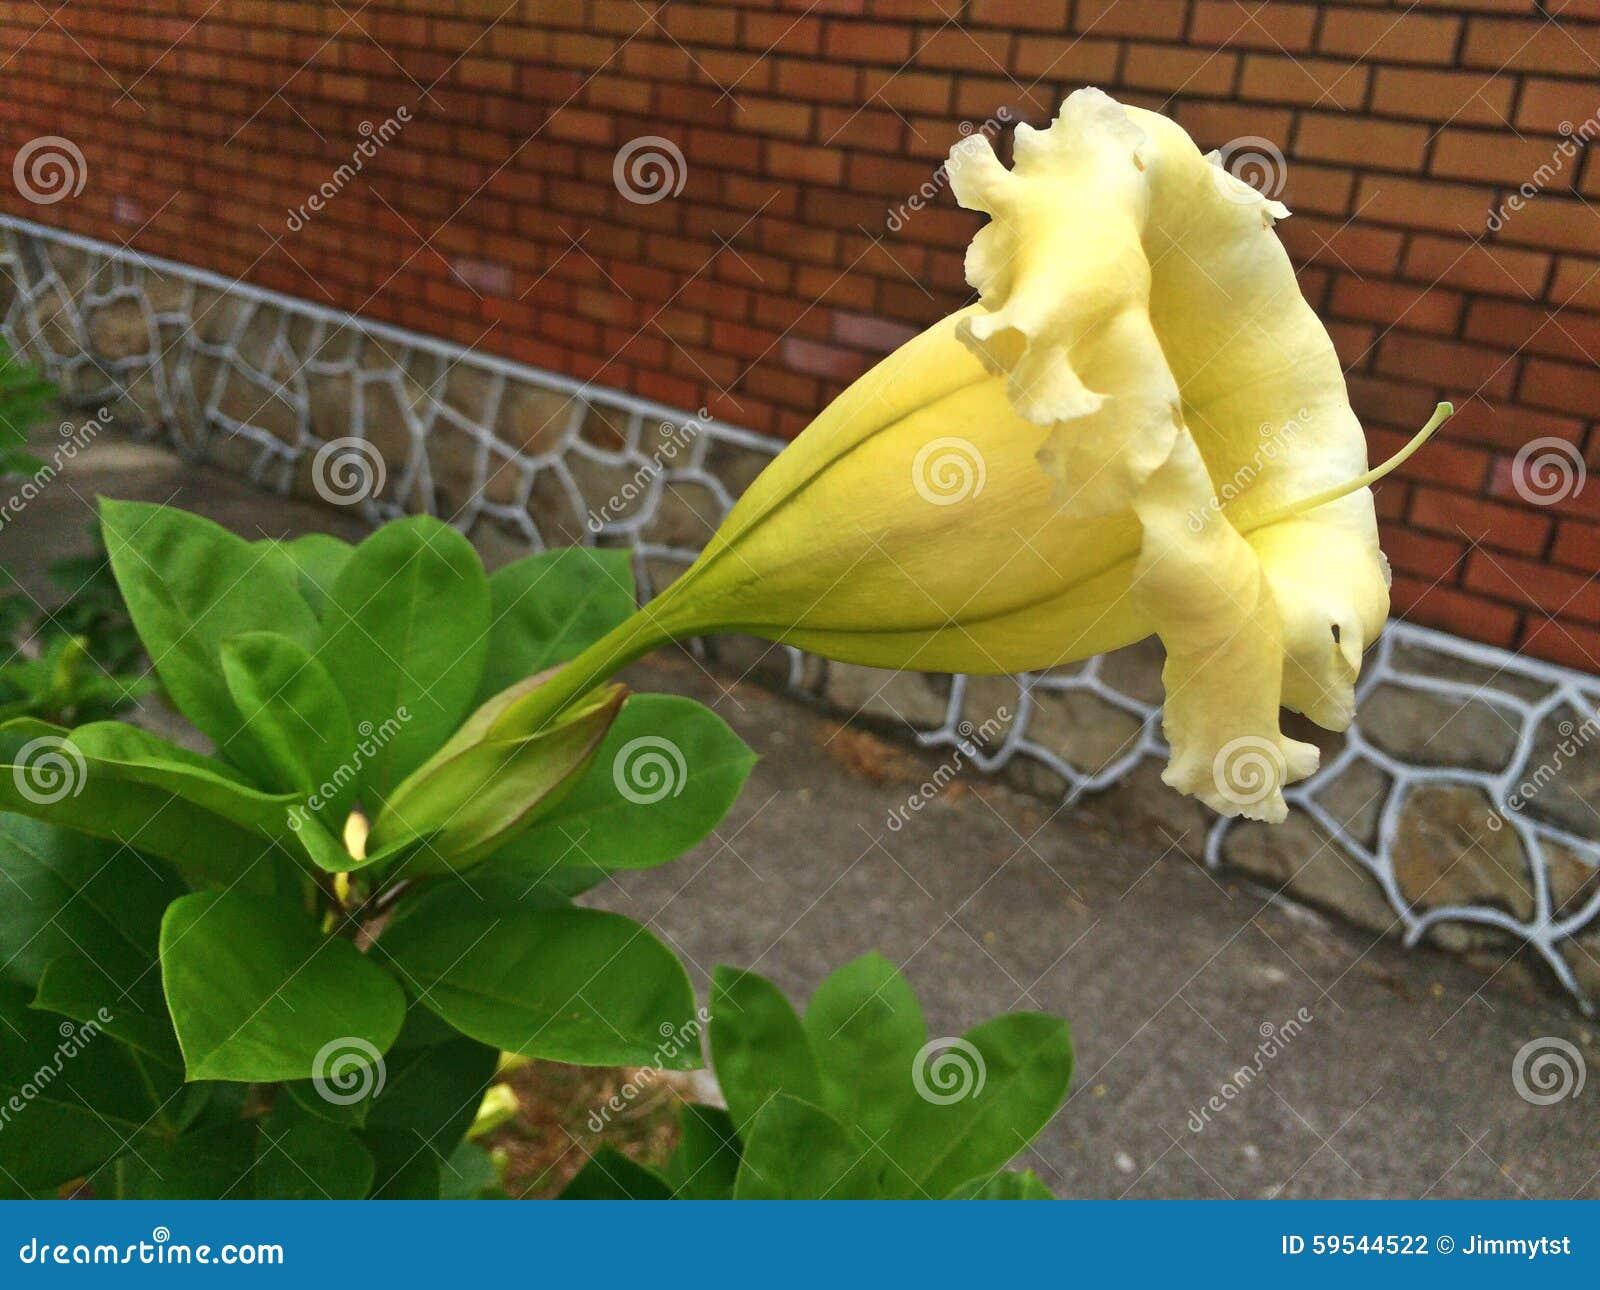 Vigne de calice fleur de trompette jaune photo stock image du grand singapour 59544522 - Fleur en forme de trompette ...